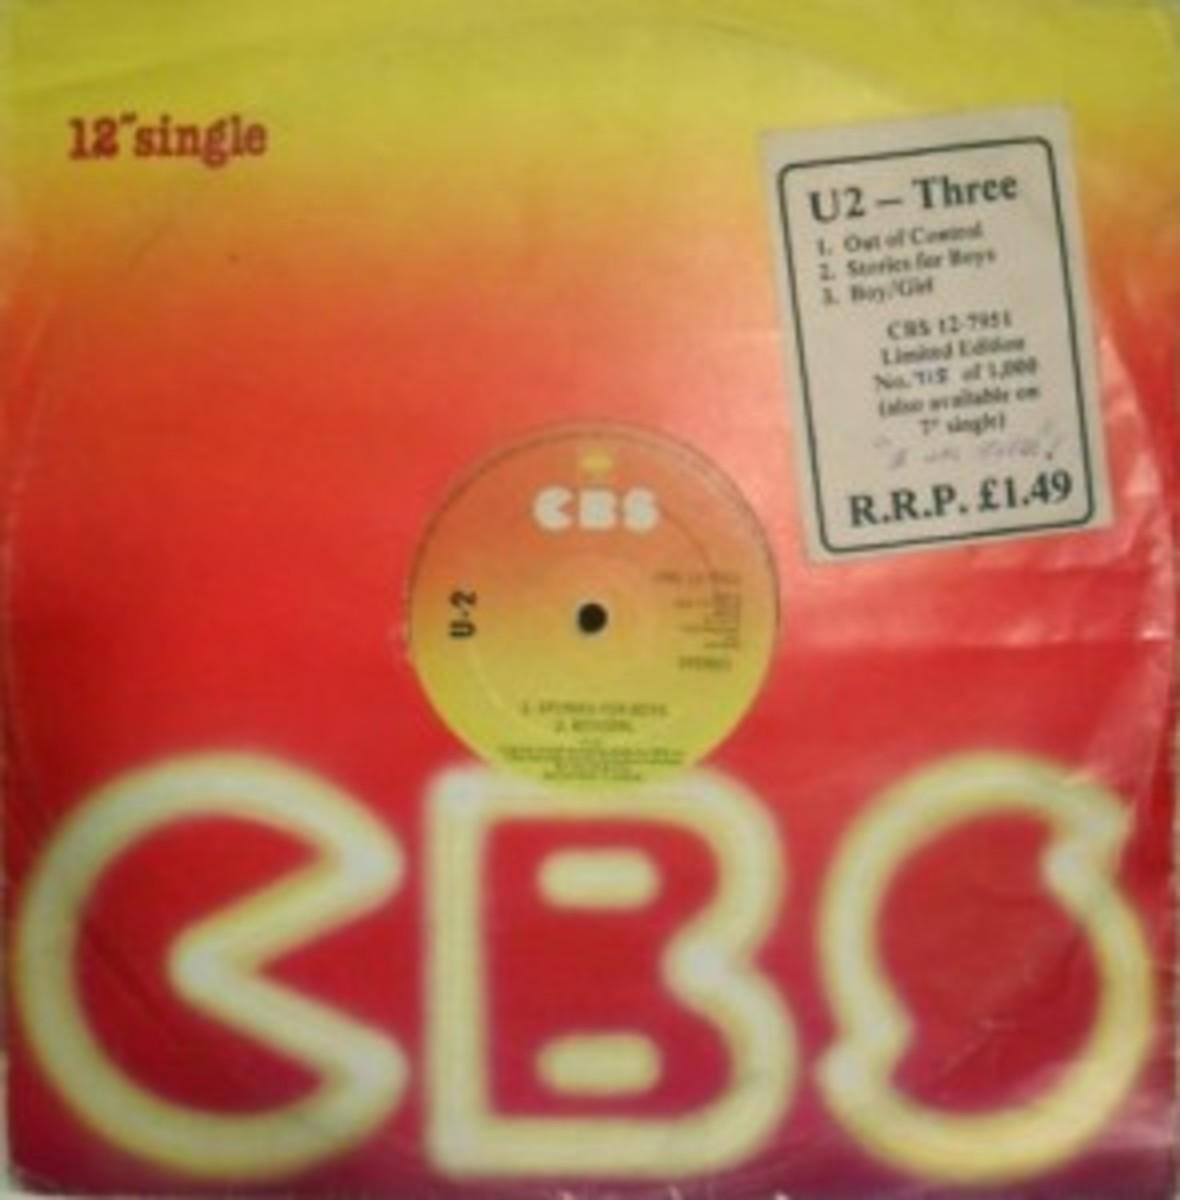 U2 Three 12-inch single